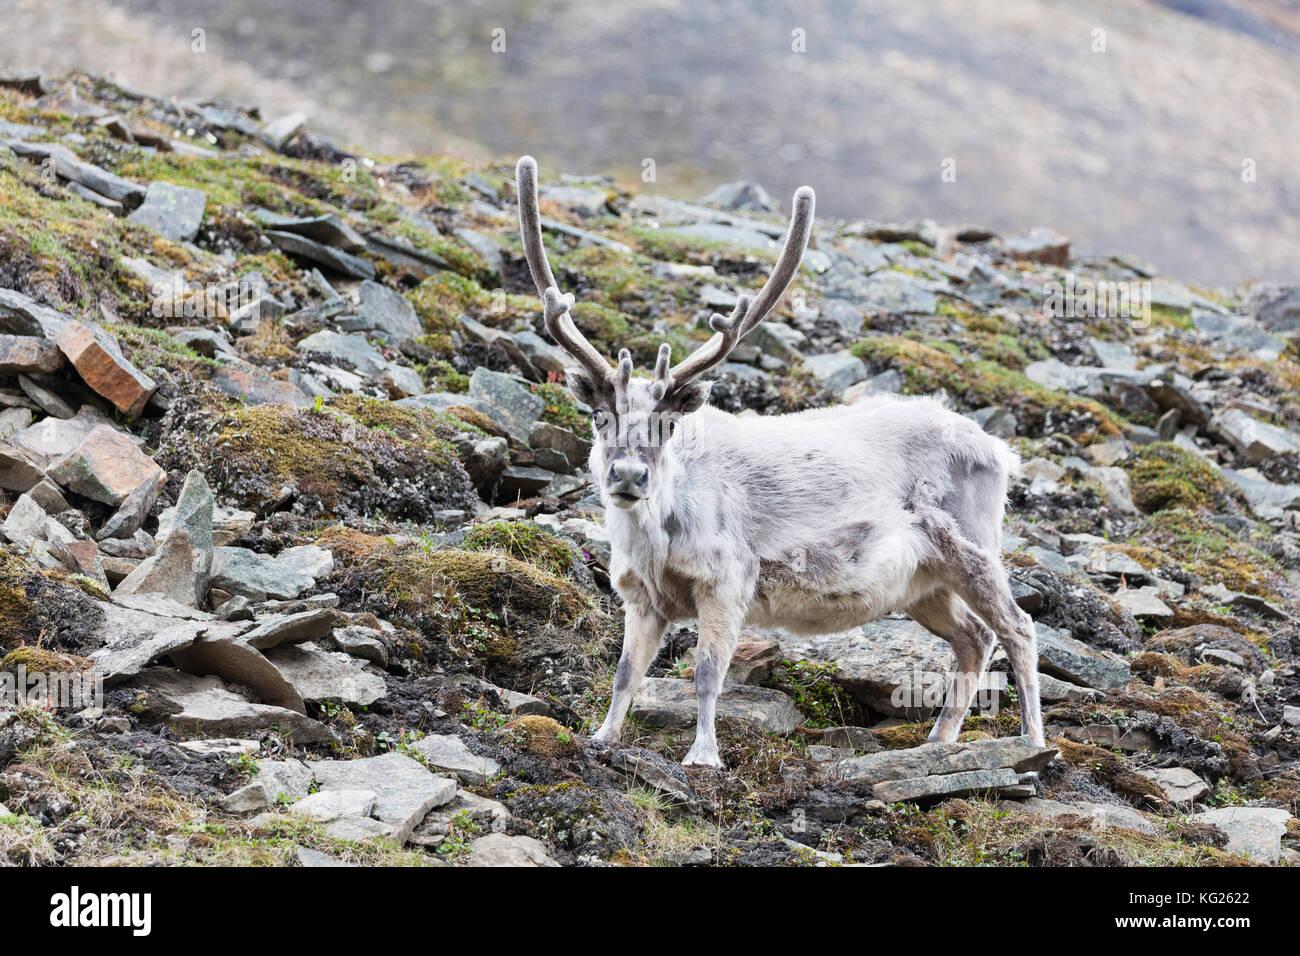 Los renos (rangifer tarandus), Spitsbergen, Svalbard, ártico, Noruega, Europa Imagen De Stock